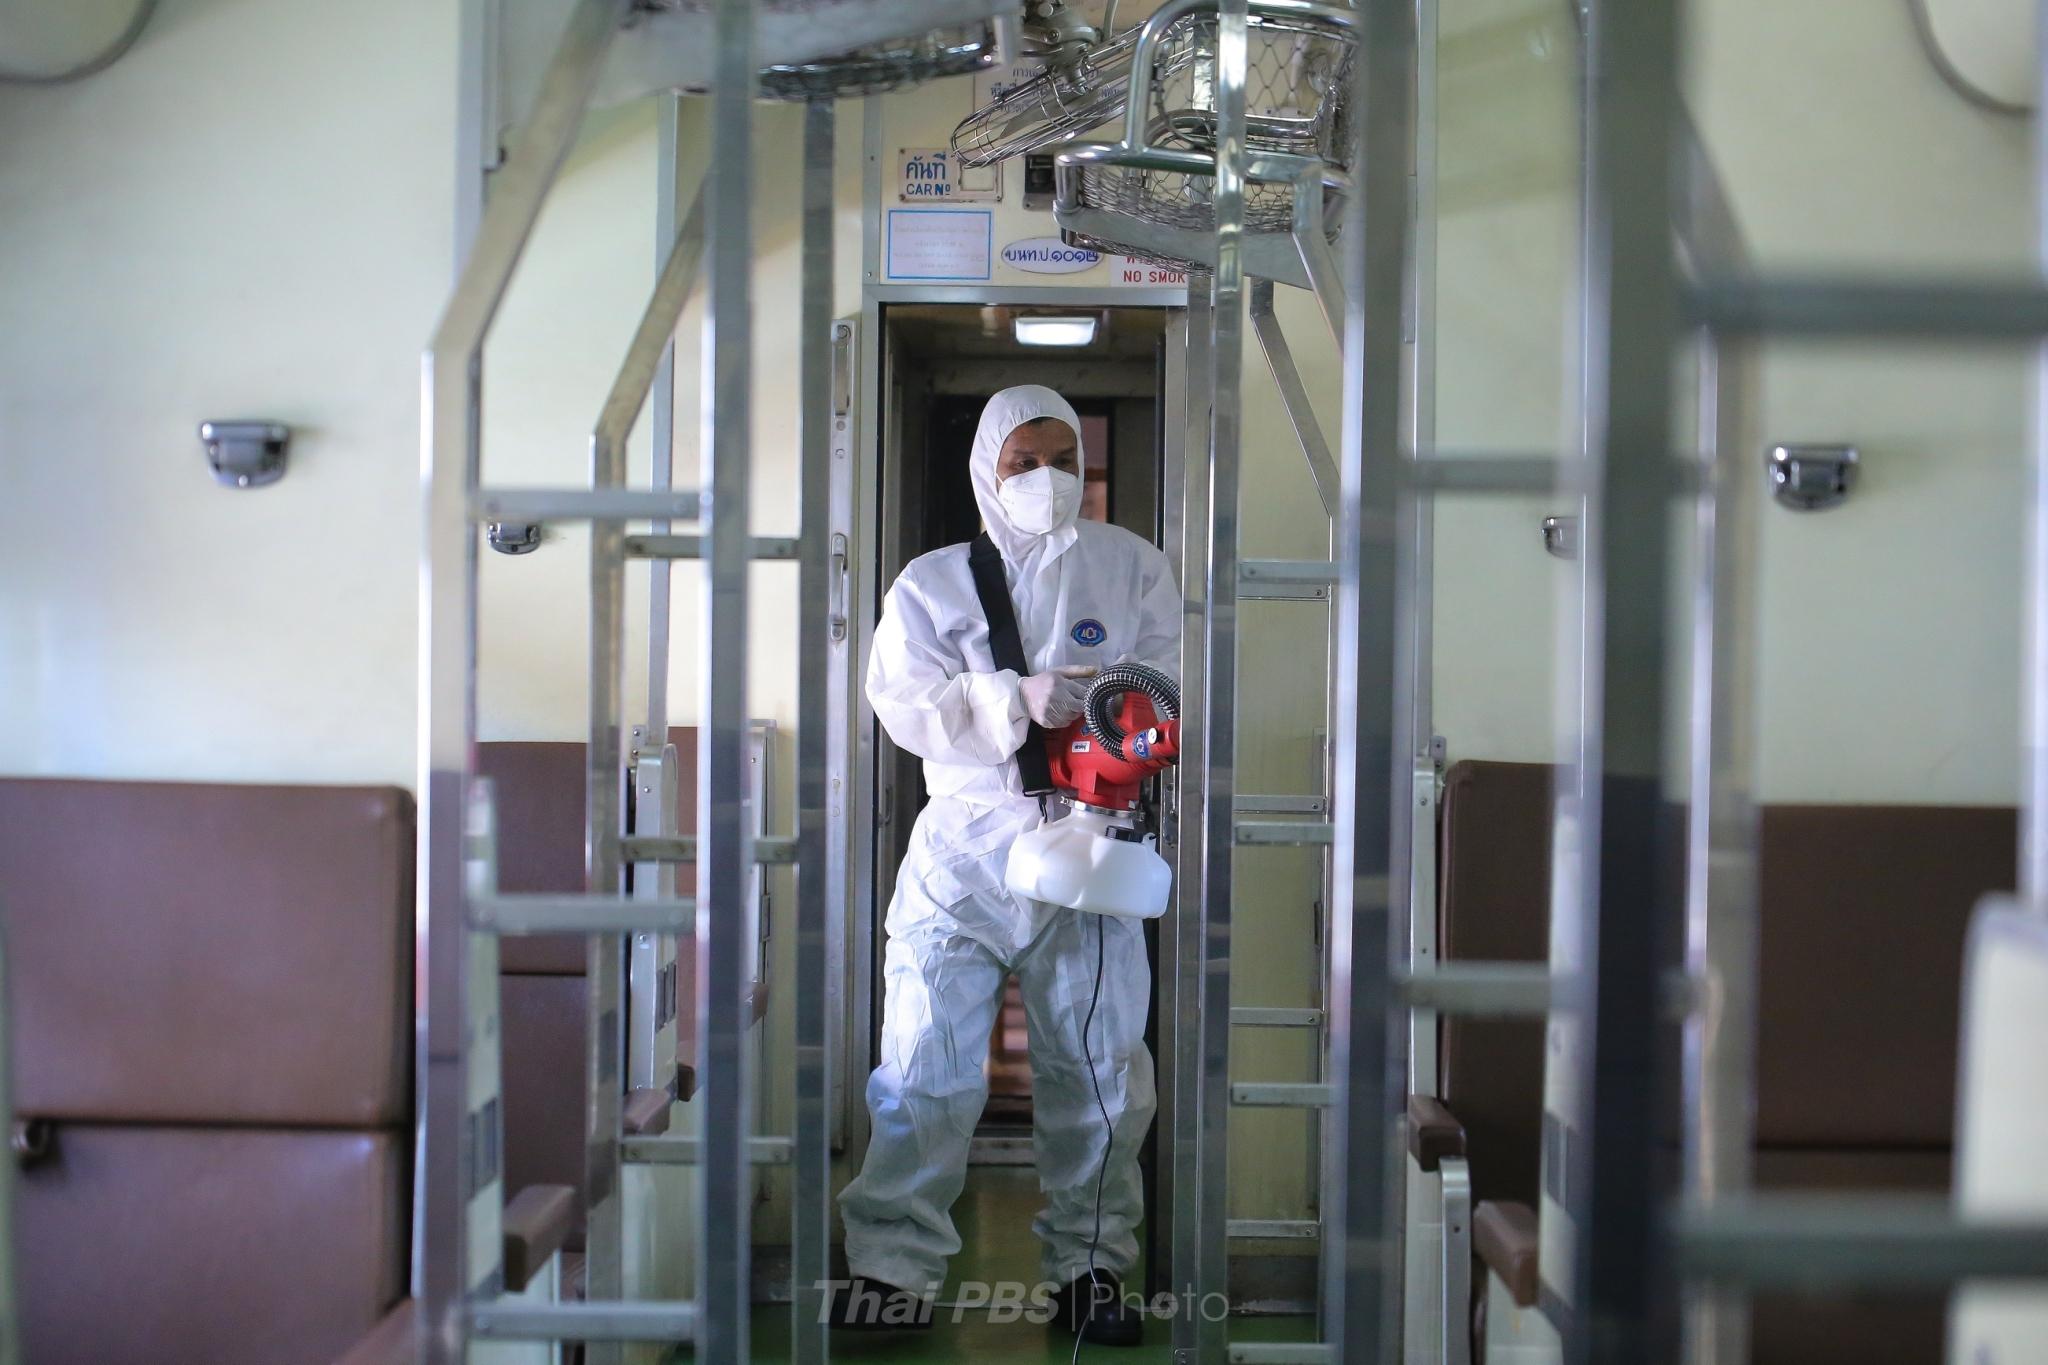 ทำความสะอาดพื้นที่ ป้องกัน COVID-19 | สถานีรถไฟกรุงเทพ (หัวลำโพง) | 13 มี.ค. 63